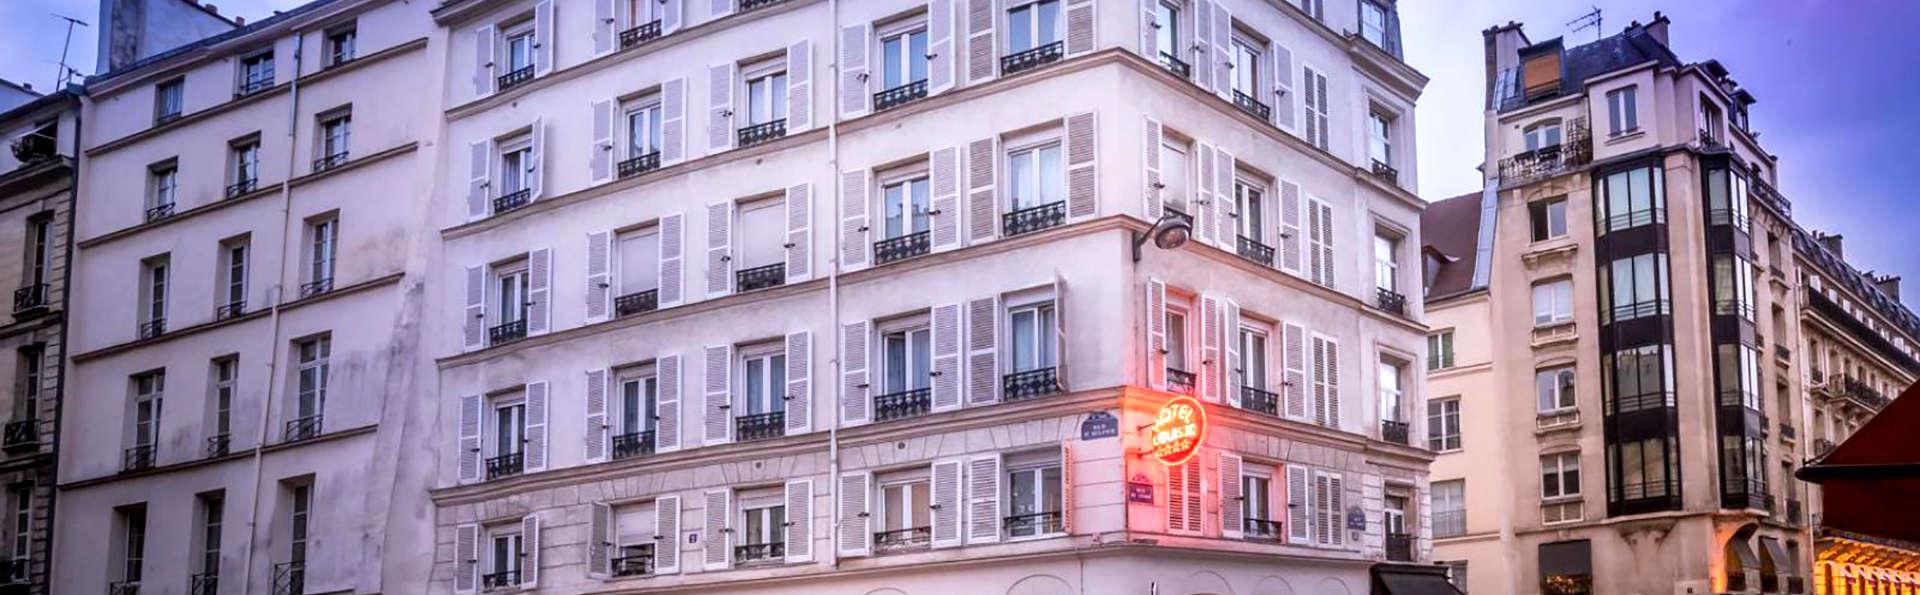 Hôtel Louis II  - Edit_Front.jpg